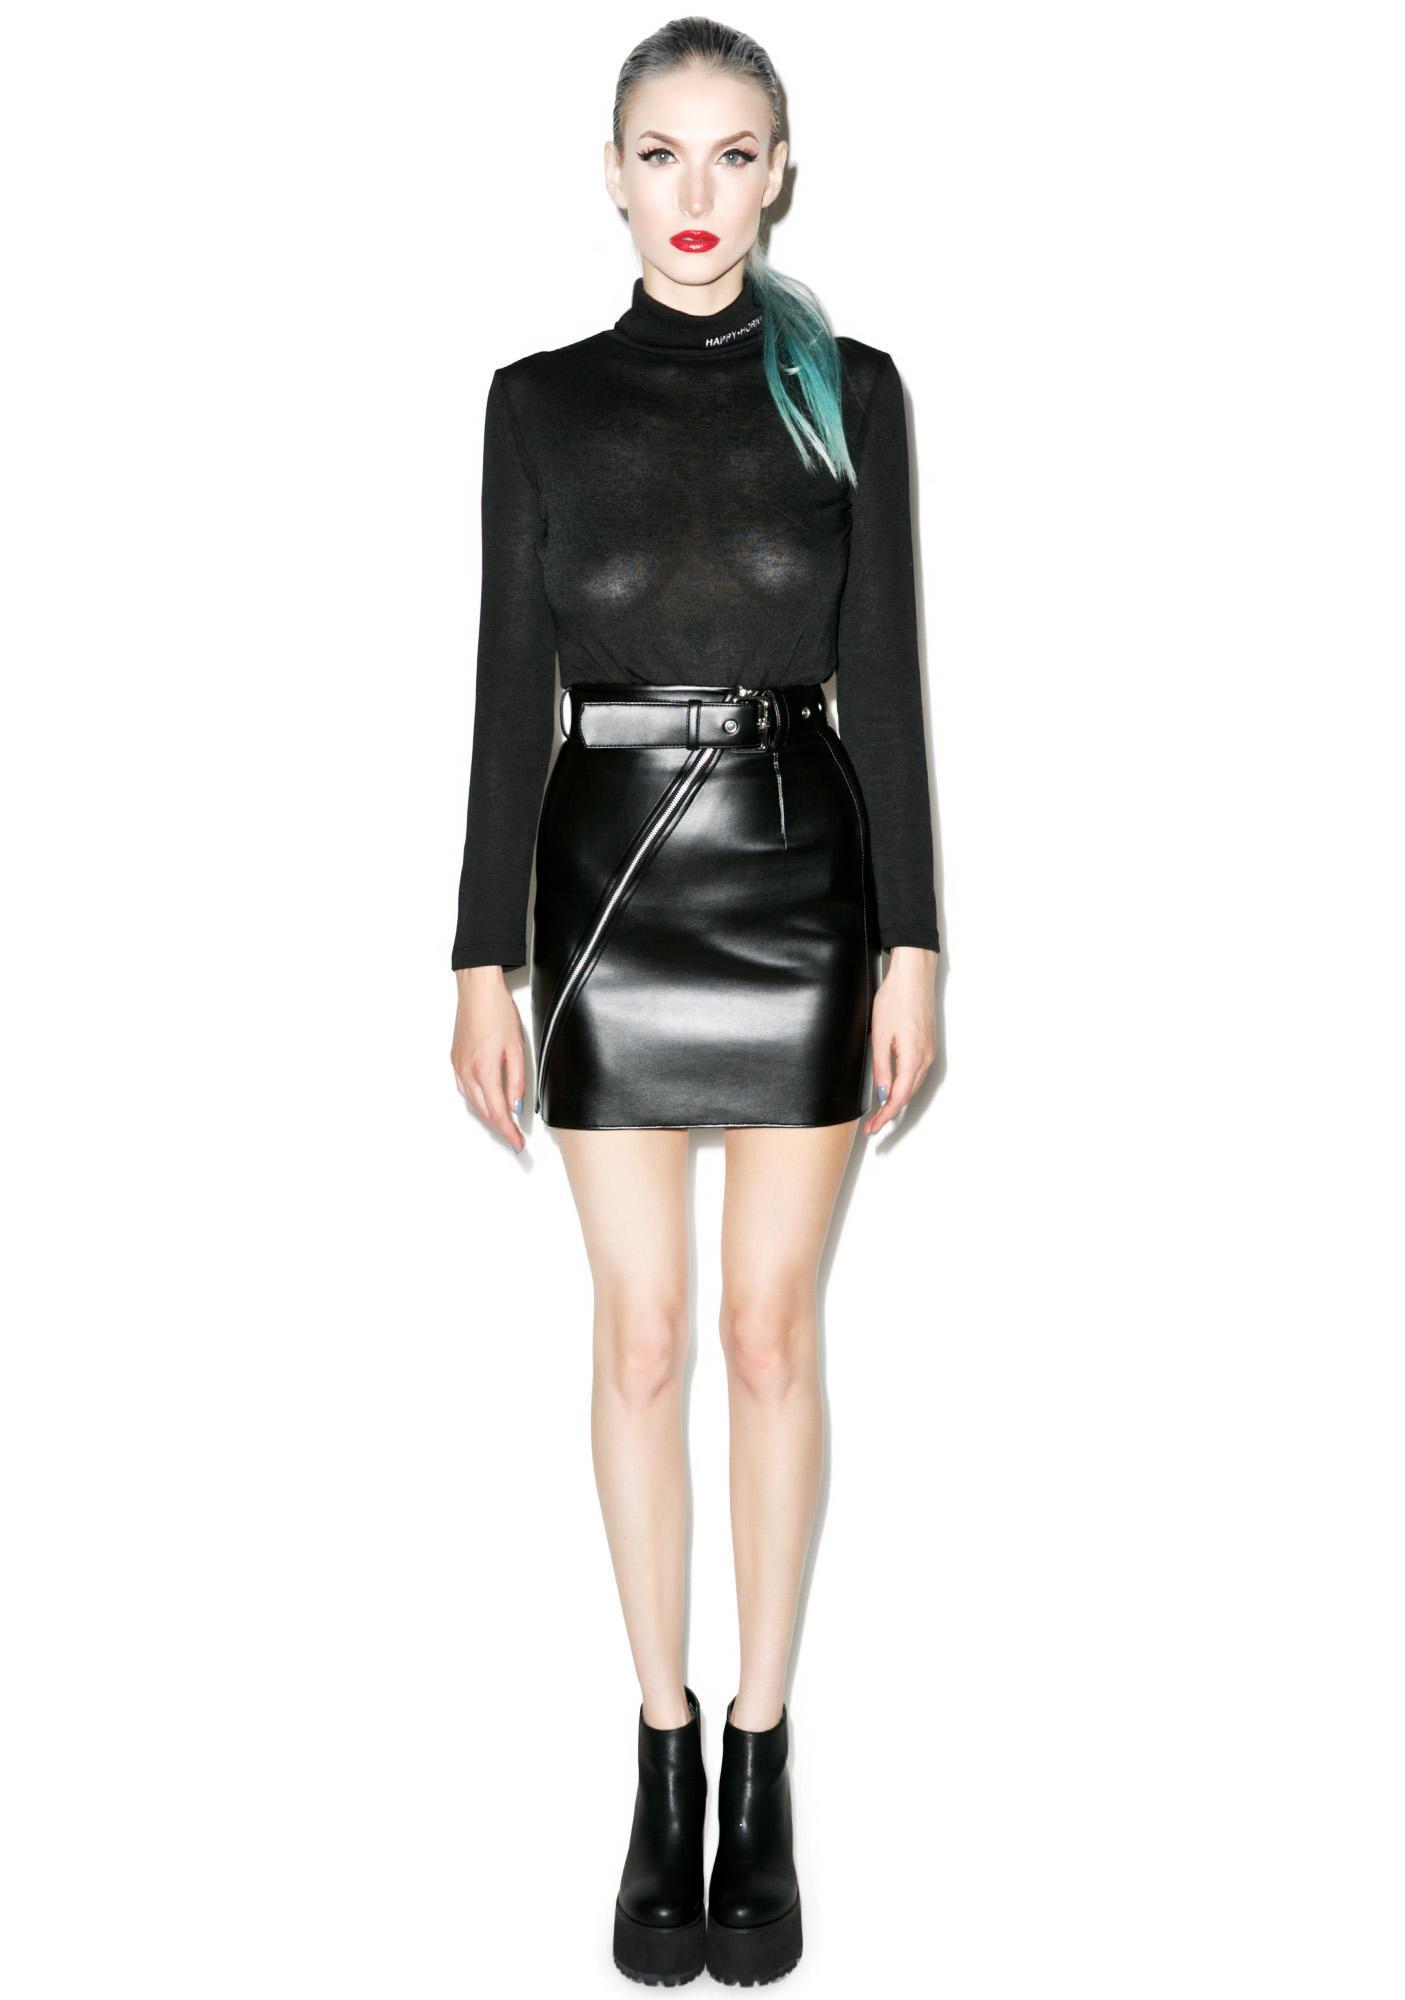 Matter of Black Bad Ass Vegan Leather Skirt